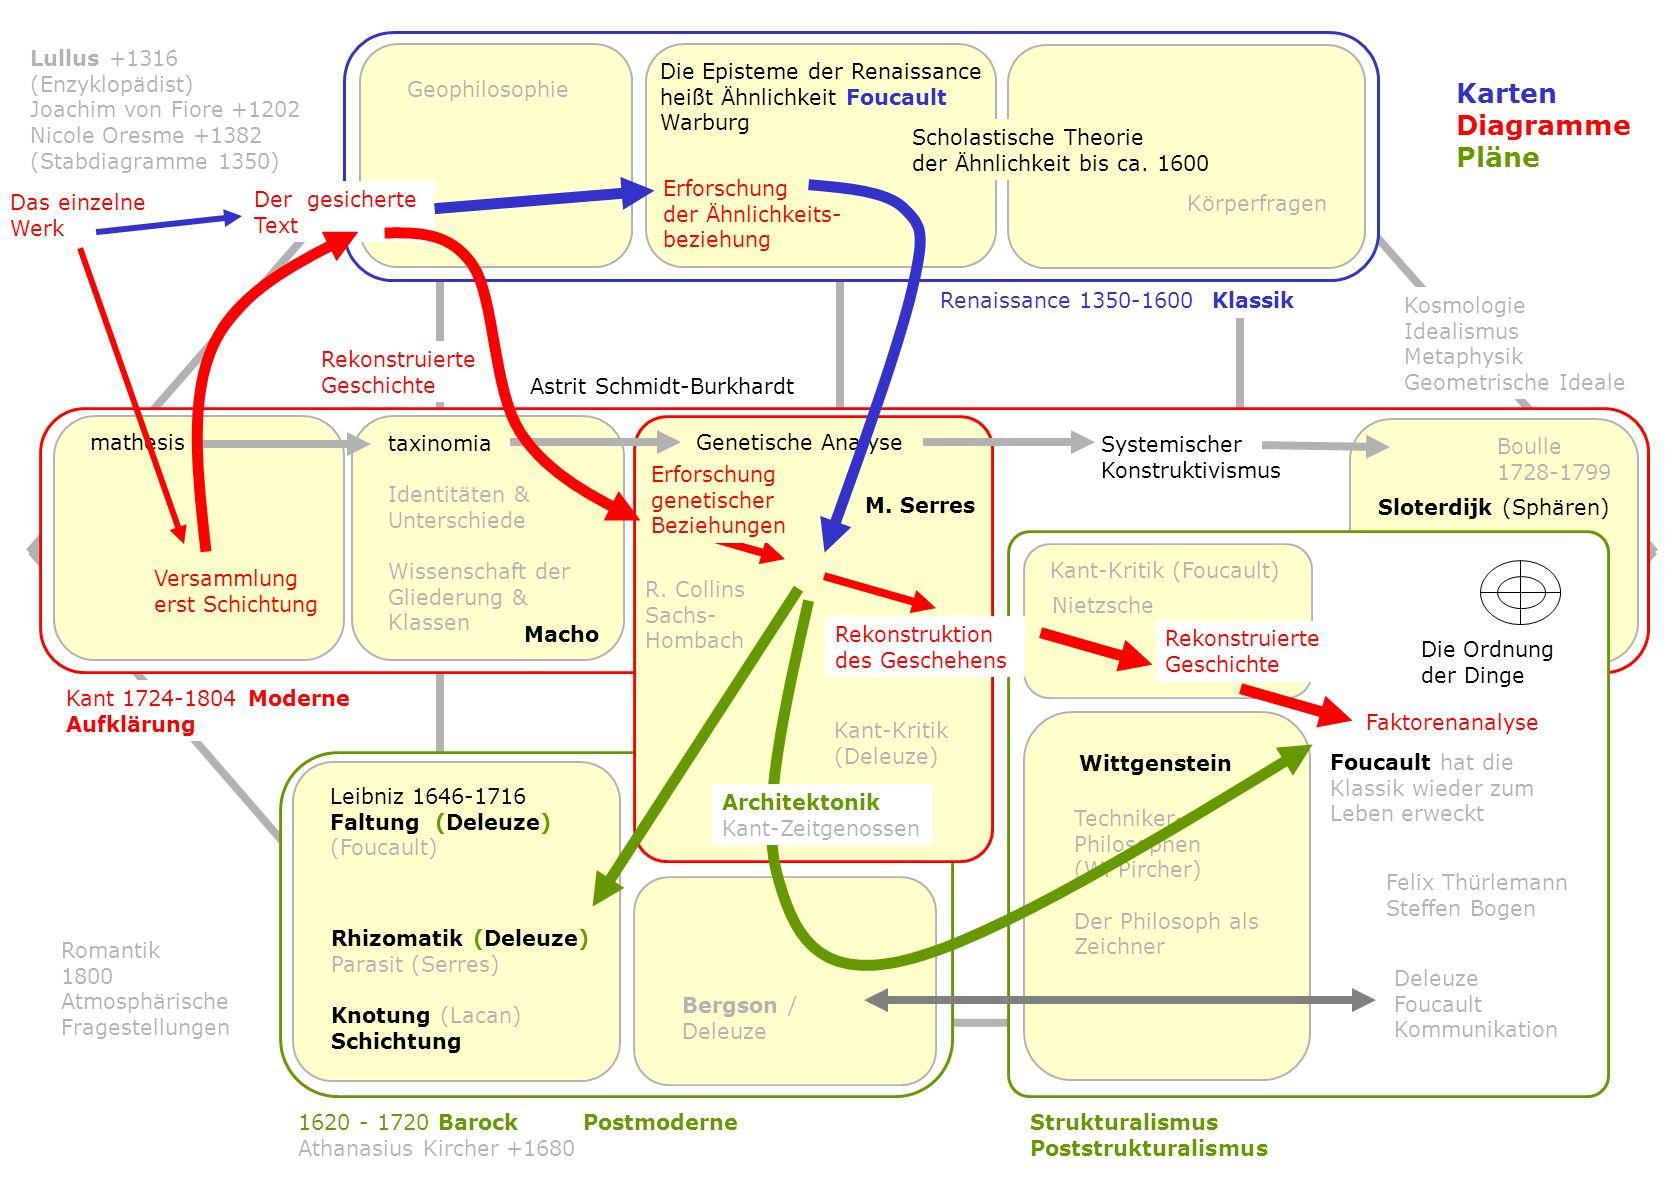 1 0 1620 - 1720 Barock 2 3 Kant 1724-1804 Moderne Aufklärung 4 5 57 8 Renaissance 1350-1600 Vormoderne Scholastische Theorie der Ähnlichkeit Romantik 1800 Atmosphärische Fragestellungen (Morphologie) Postmoderne 2.